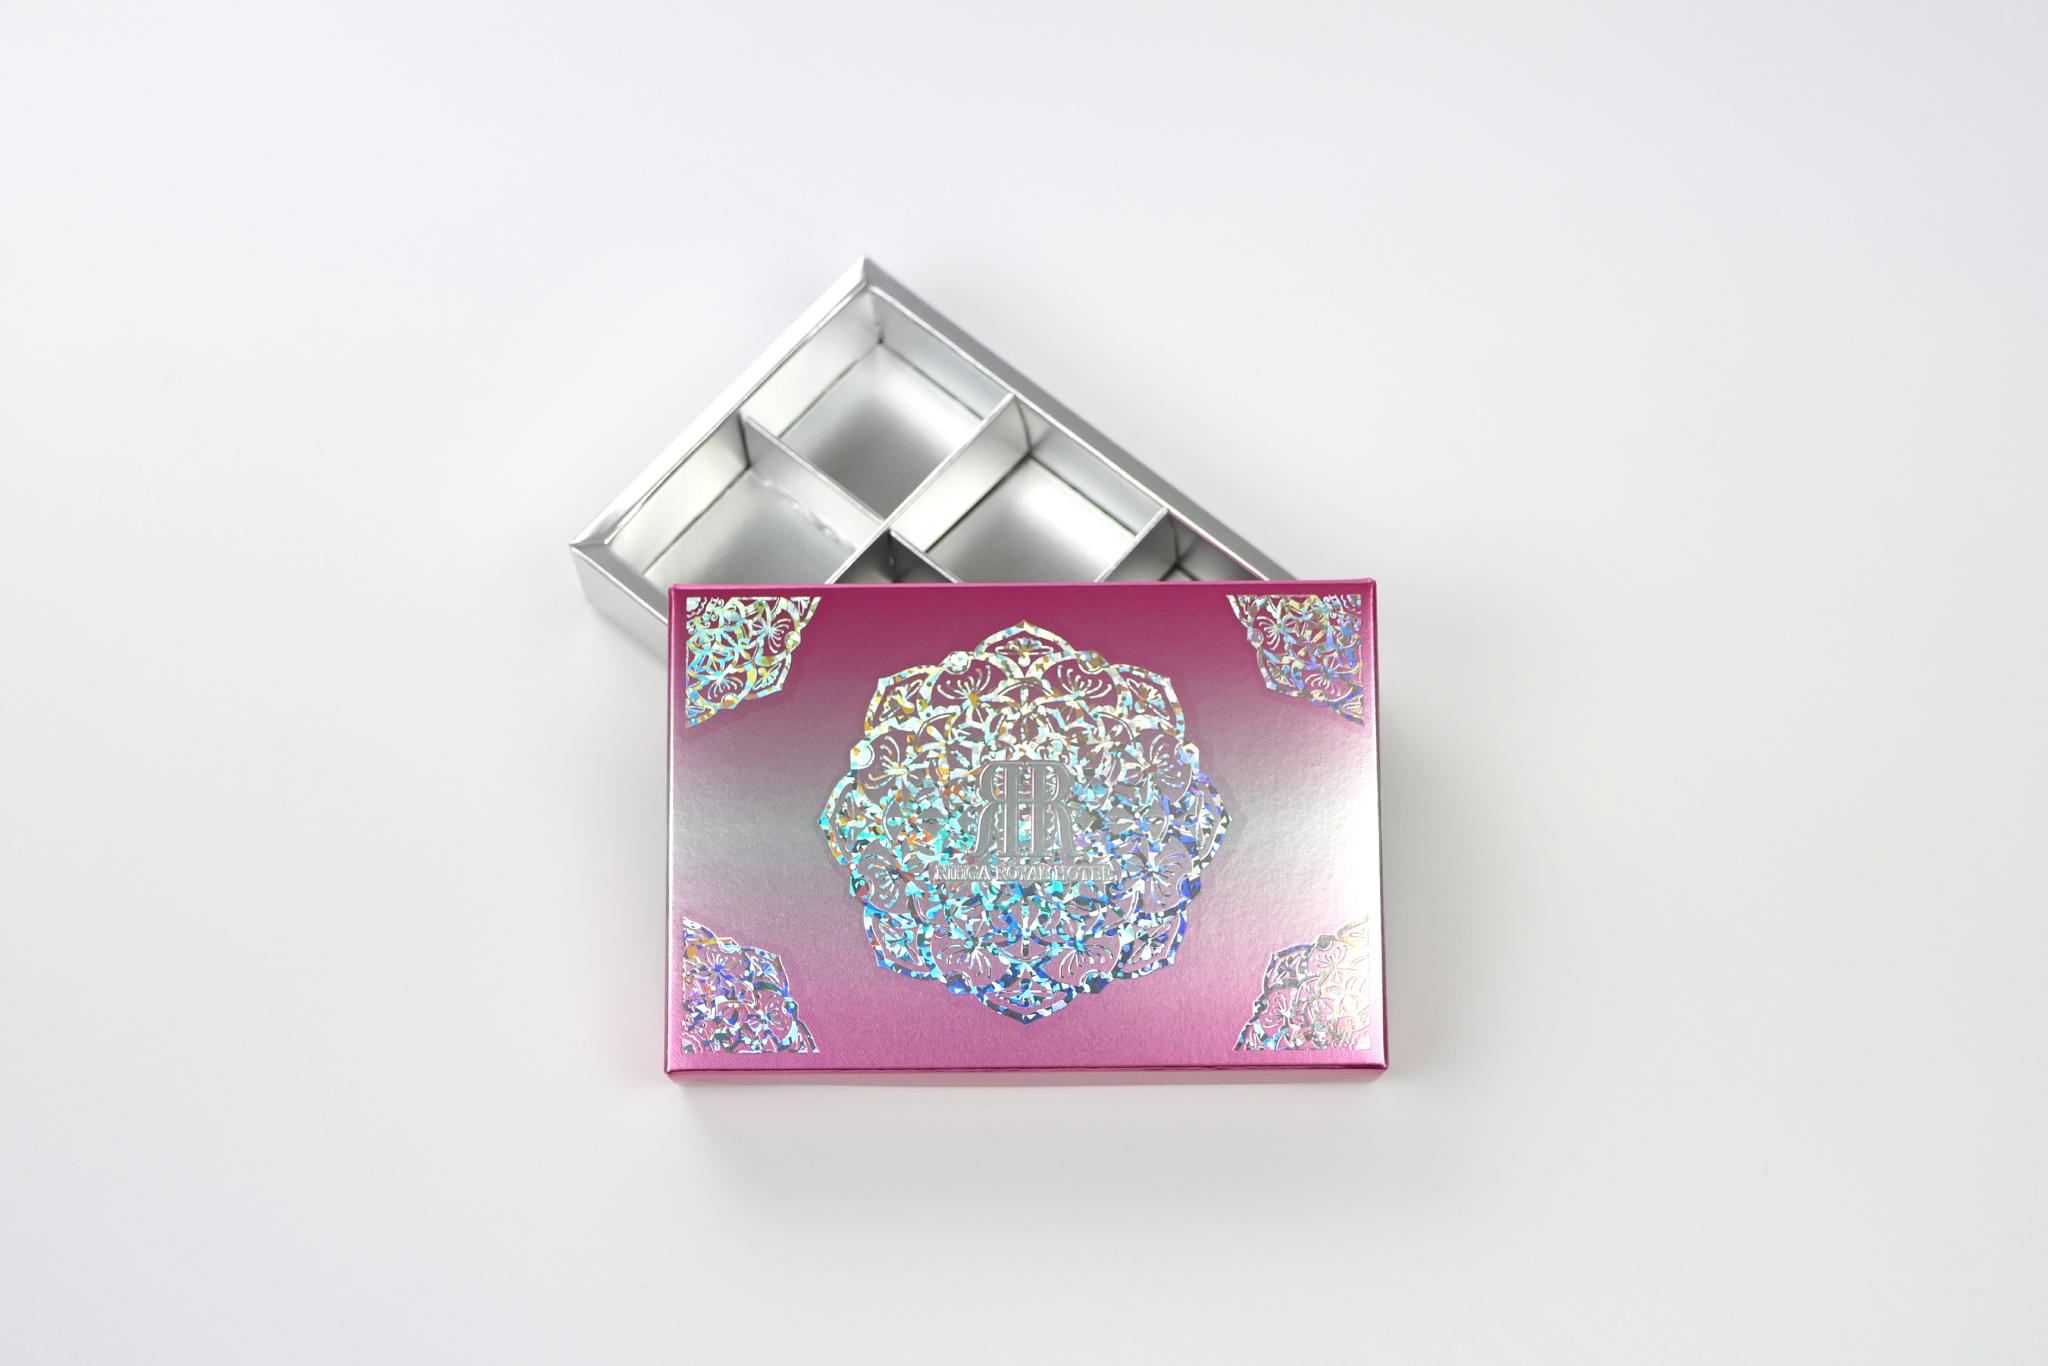 リーガロイヤルホテル様 イトーヨーカドー様販売限定 ロチュスロゼのパッケージ写真です